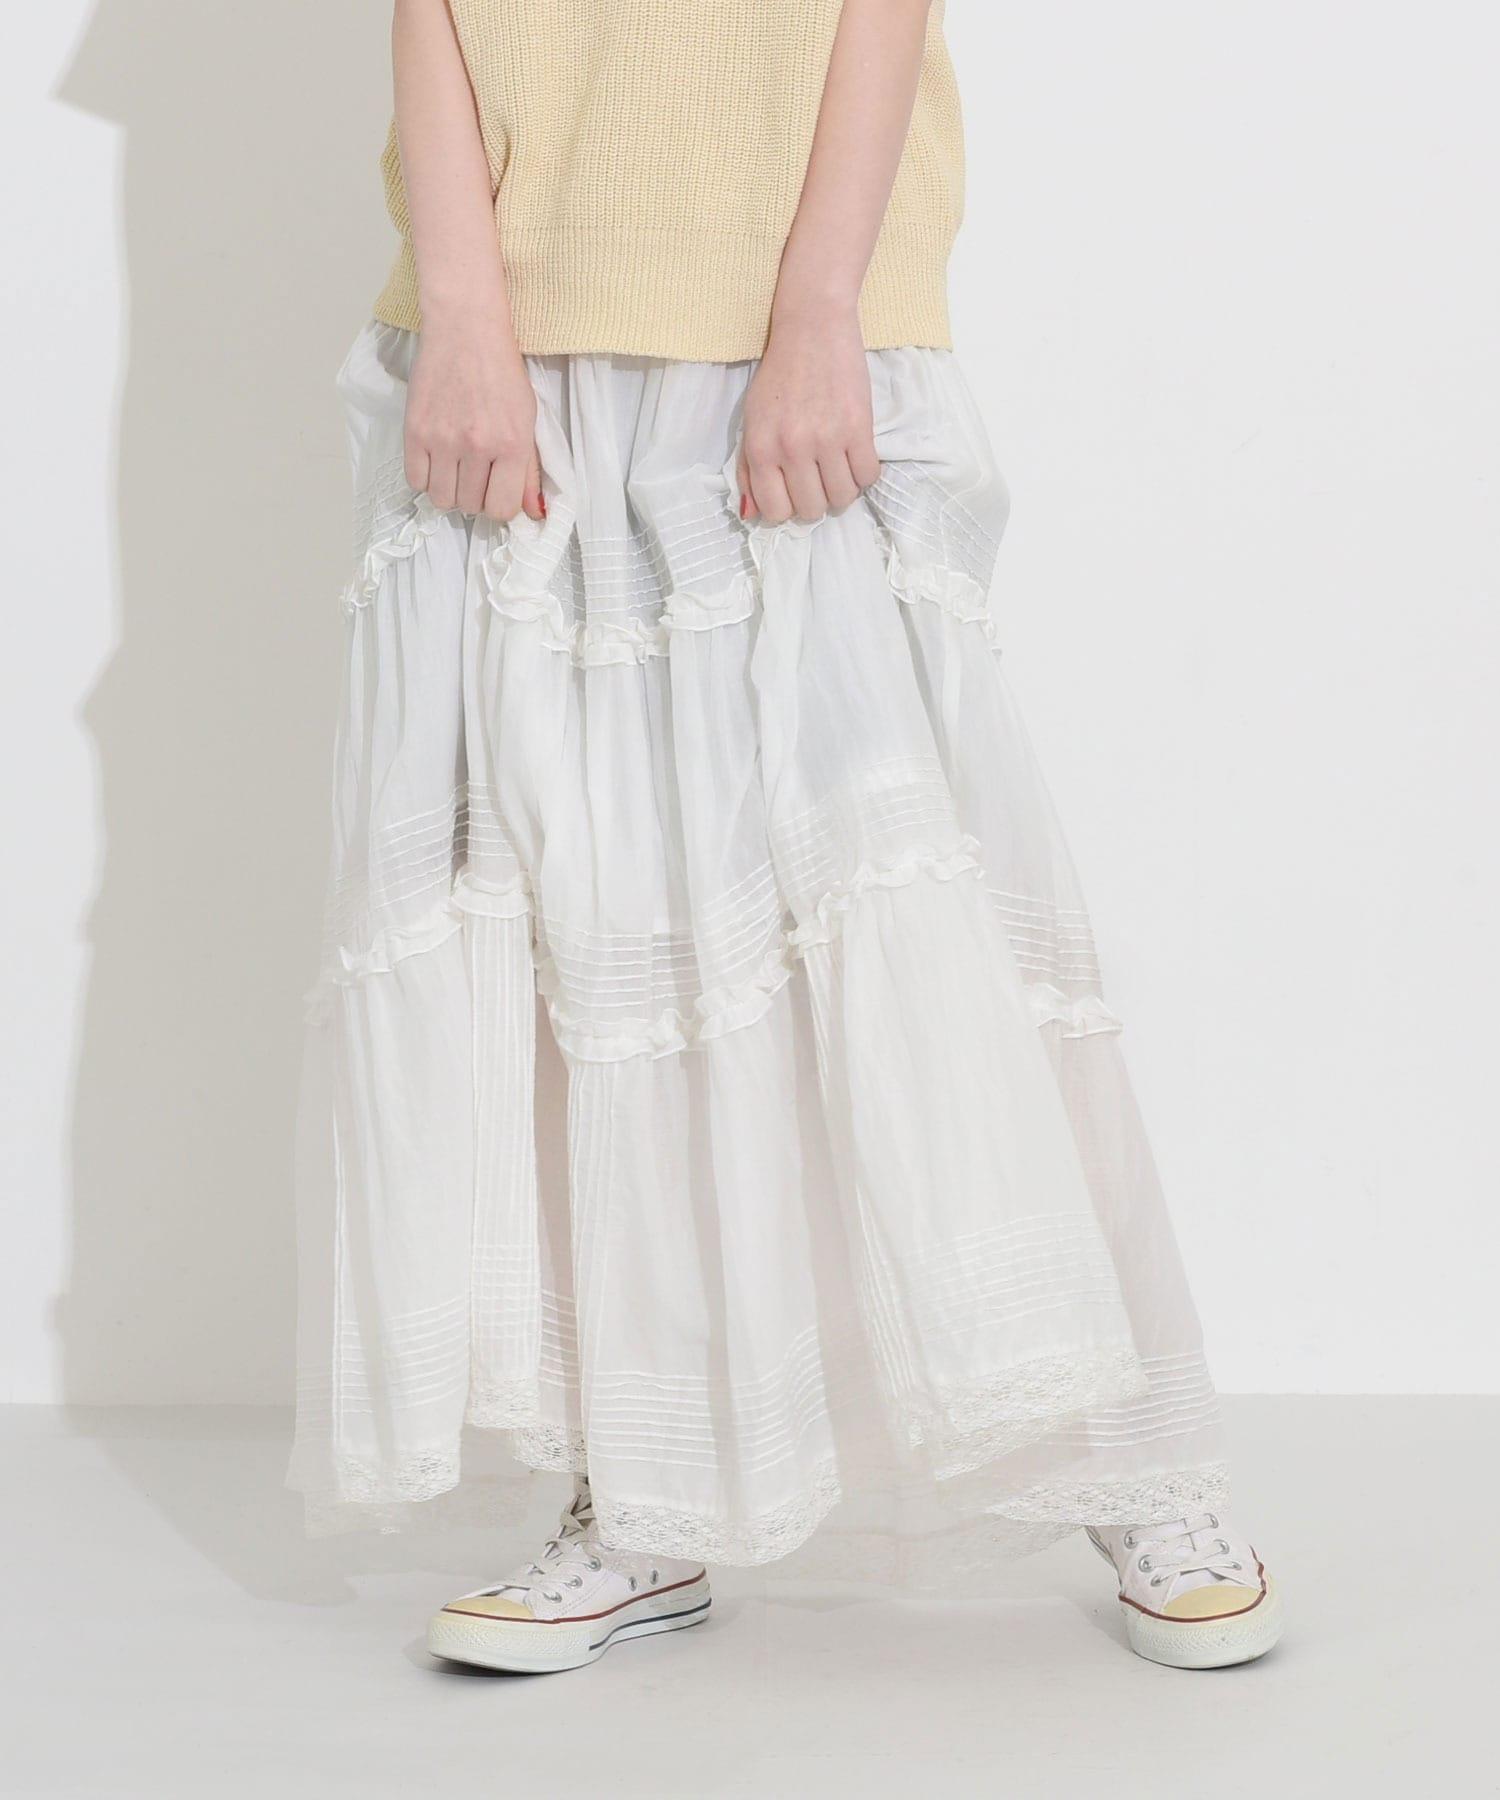 〇△80ボイル ピンタック ティアードスカート